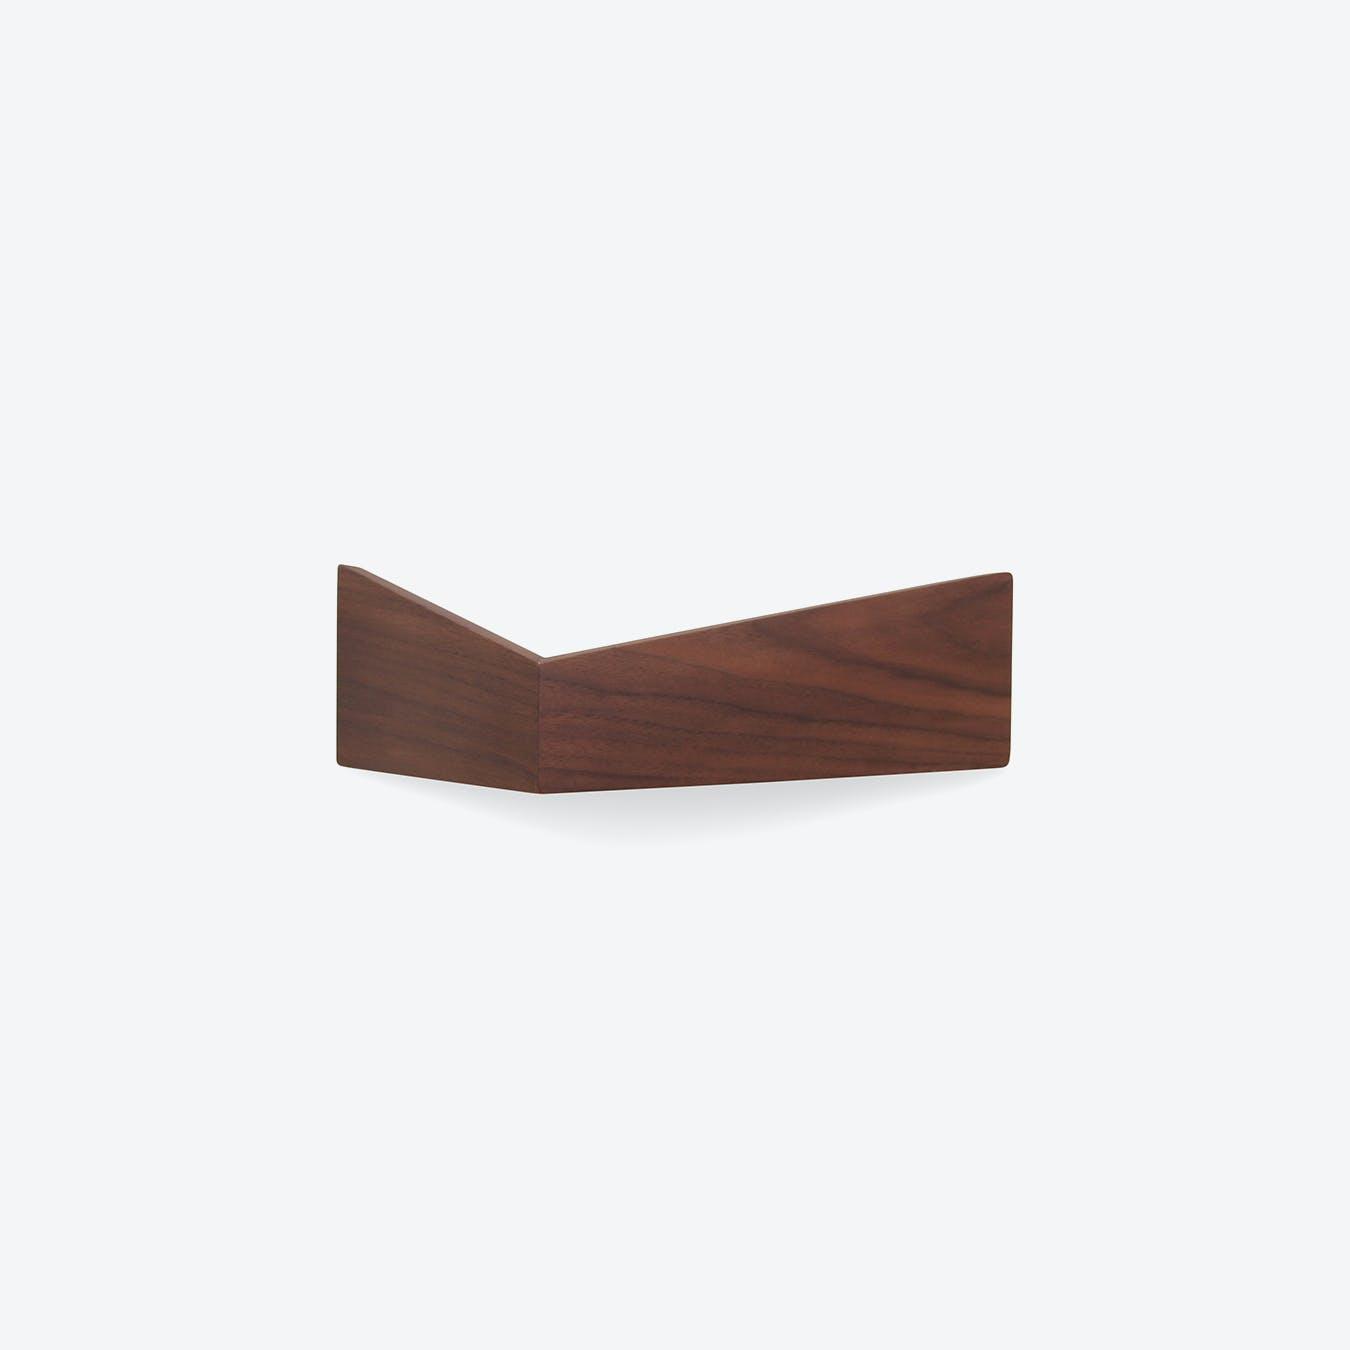 Pelican Shelf S - Walnut